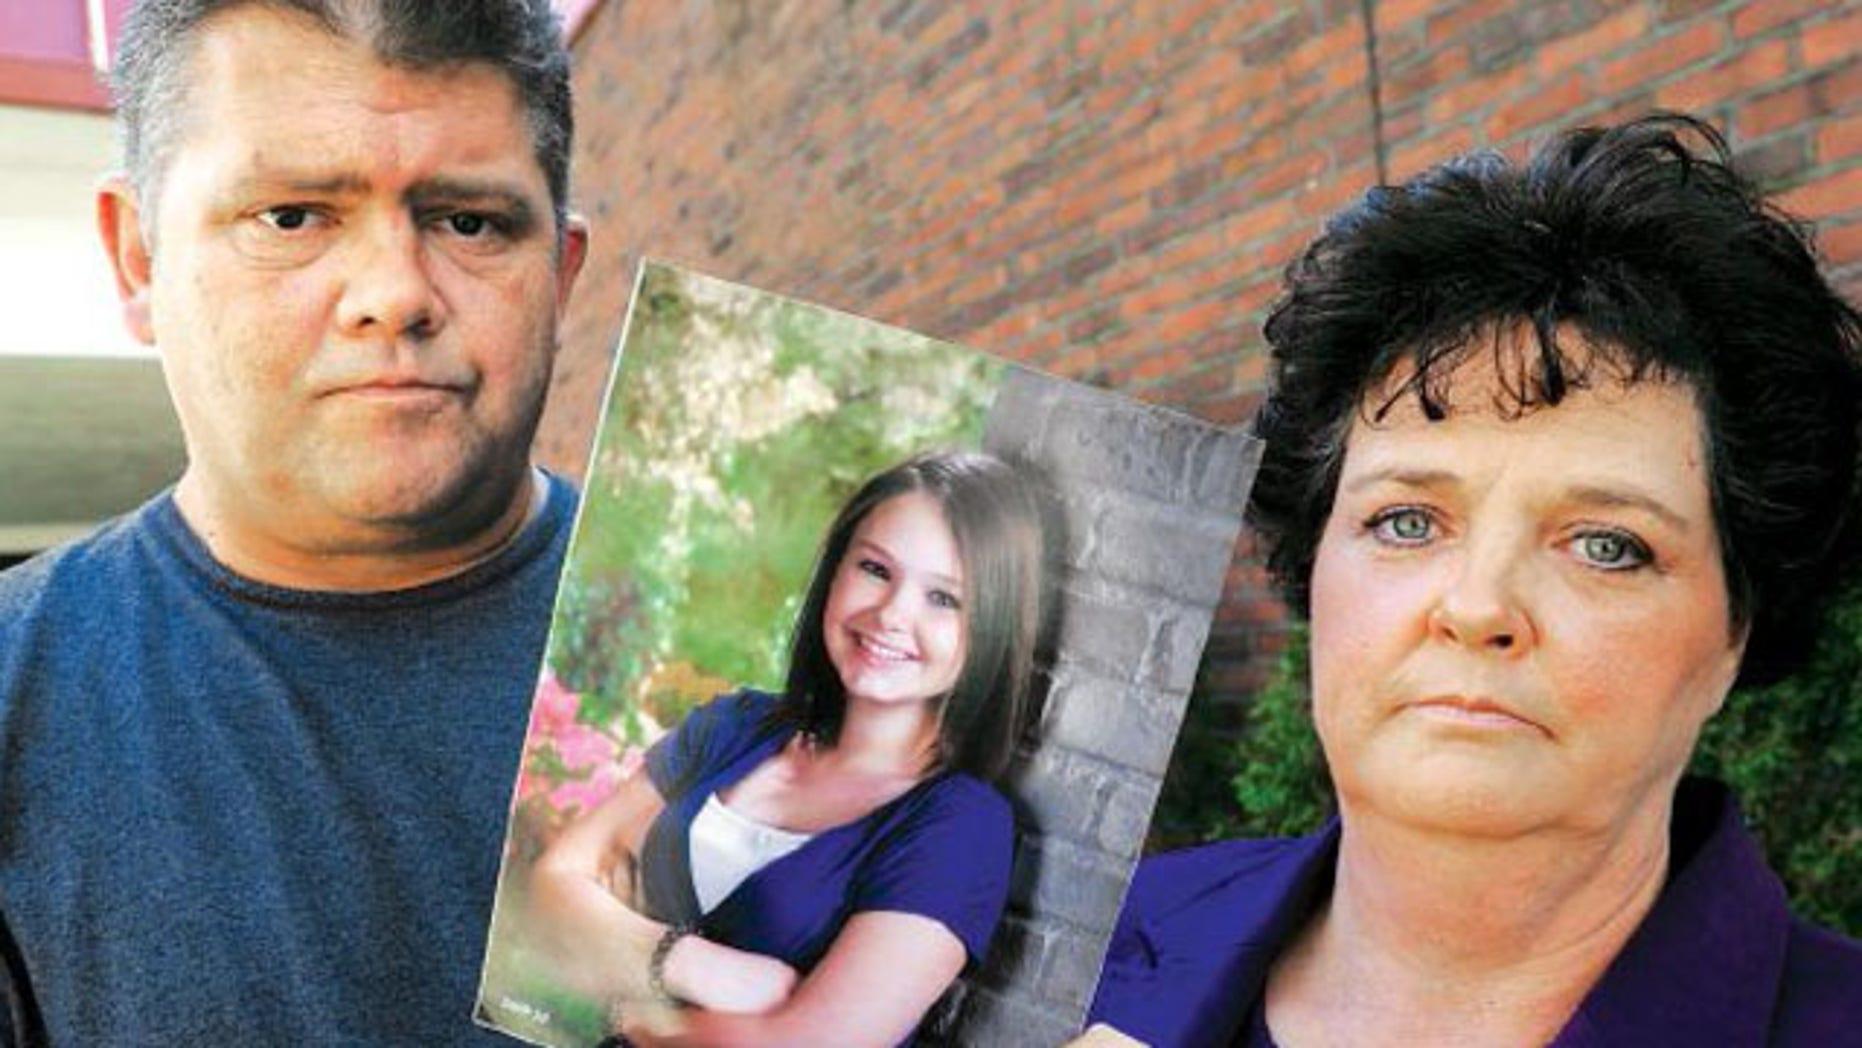 Teen girls' murder plot shocks West Virginia town | Fox News